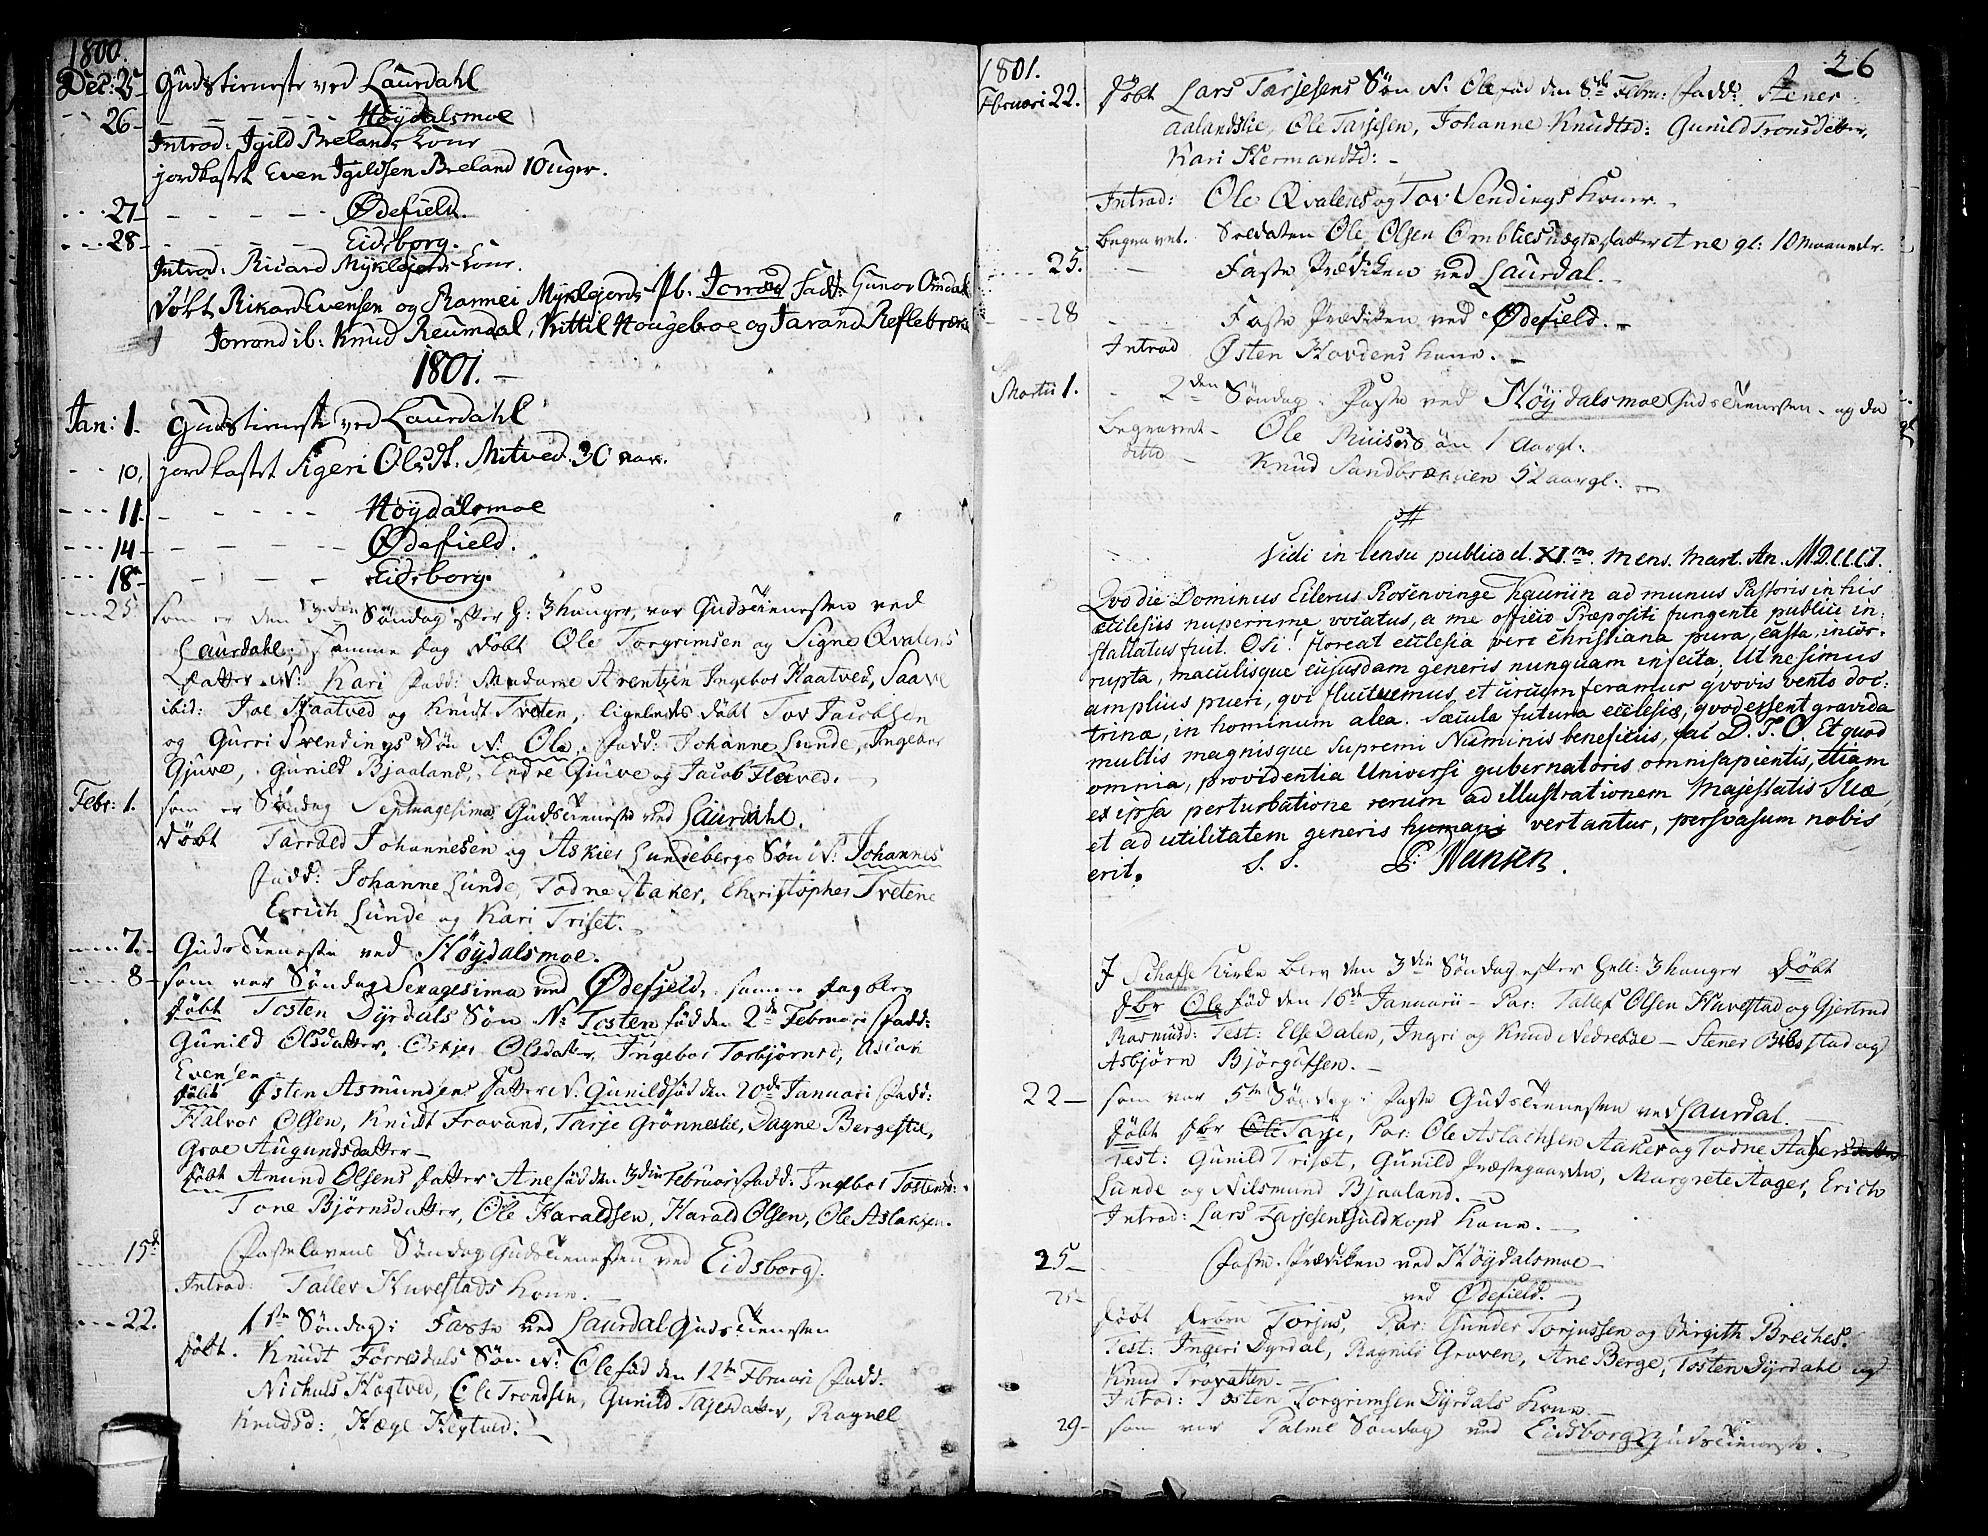 SAKO, Lårdal kirkebøker, F/Fa/L0004: Ministerialbok nr. I 4, 1790-1814, s. 26